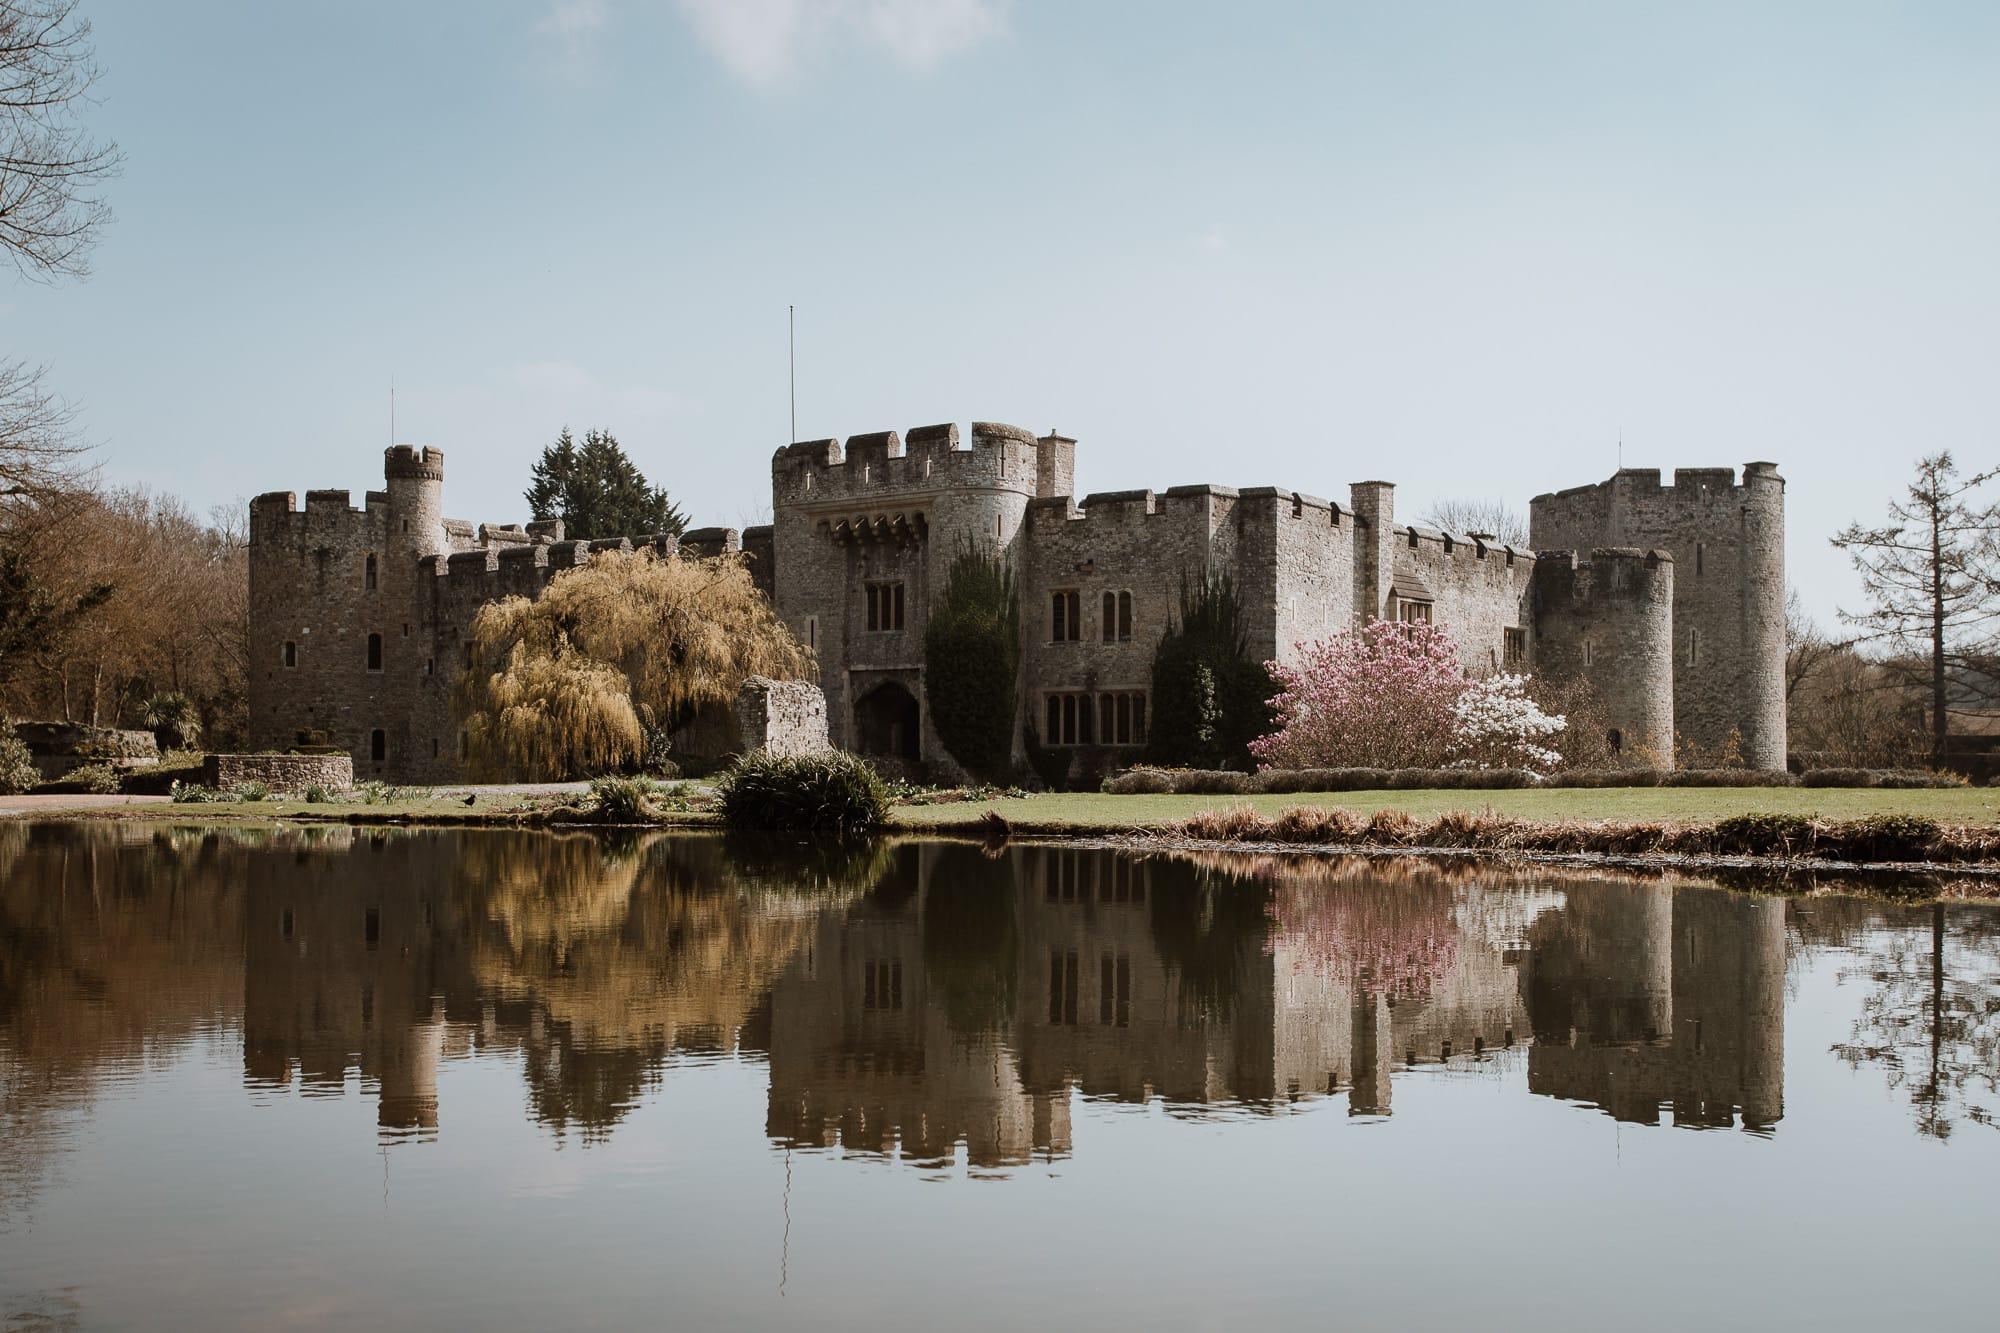 Allington Castle Kent Wedding venue under a clear blue sky